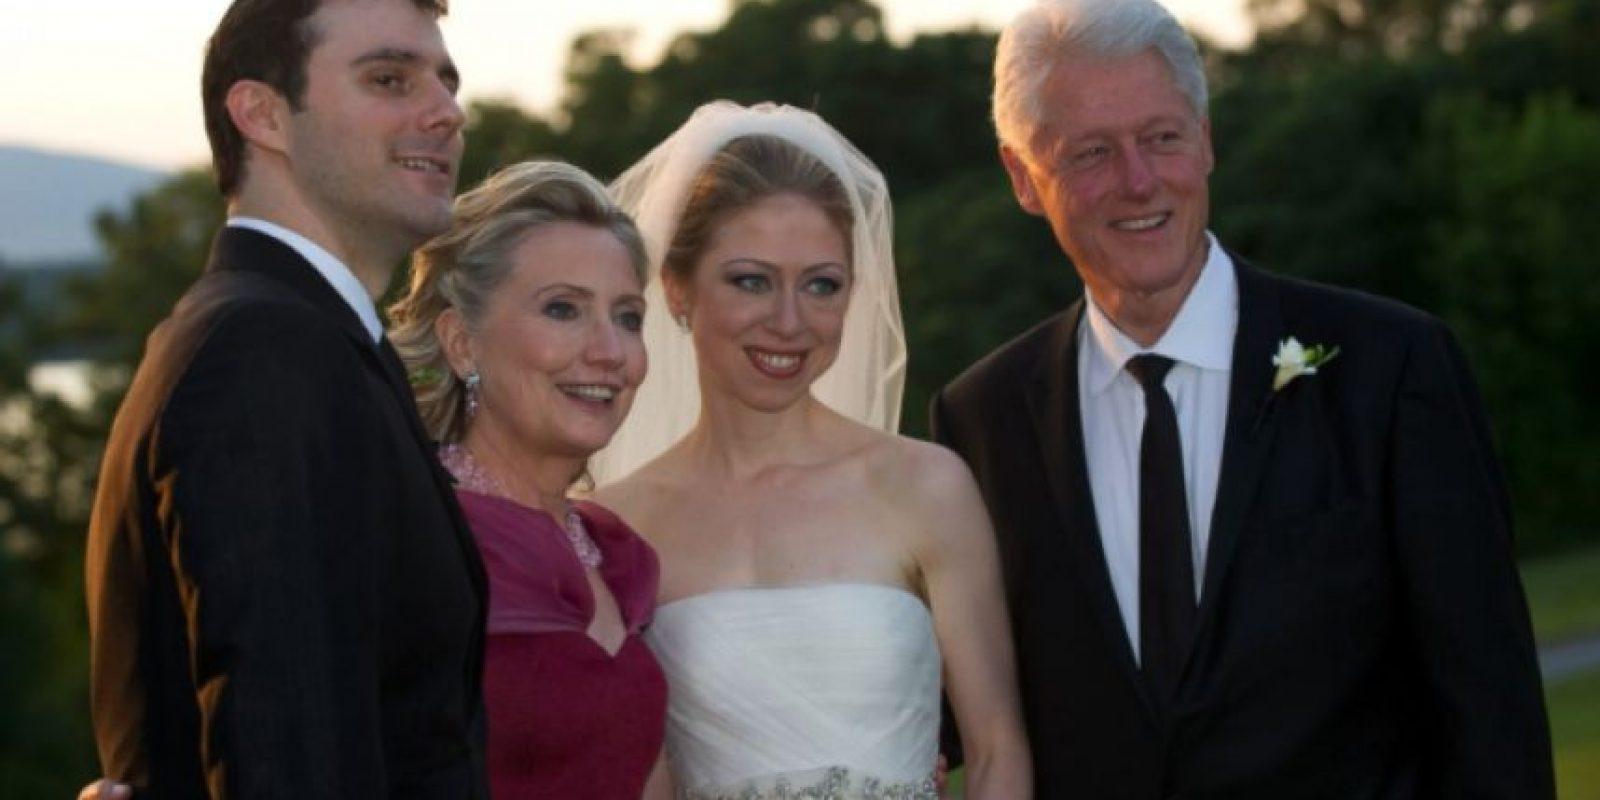 La boda de Chelsea Clinton, el 31 de julio de 2010. Foto:Getty Images